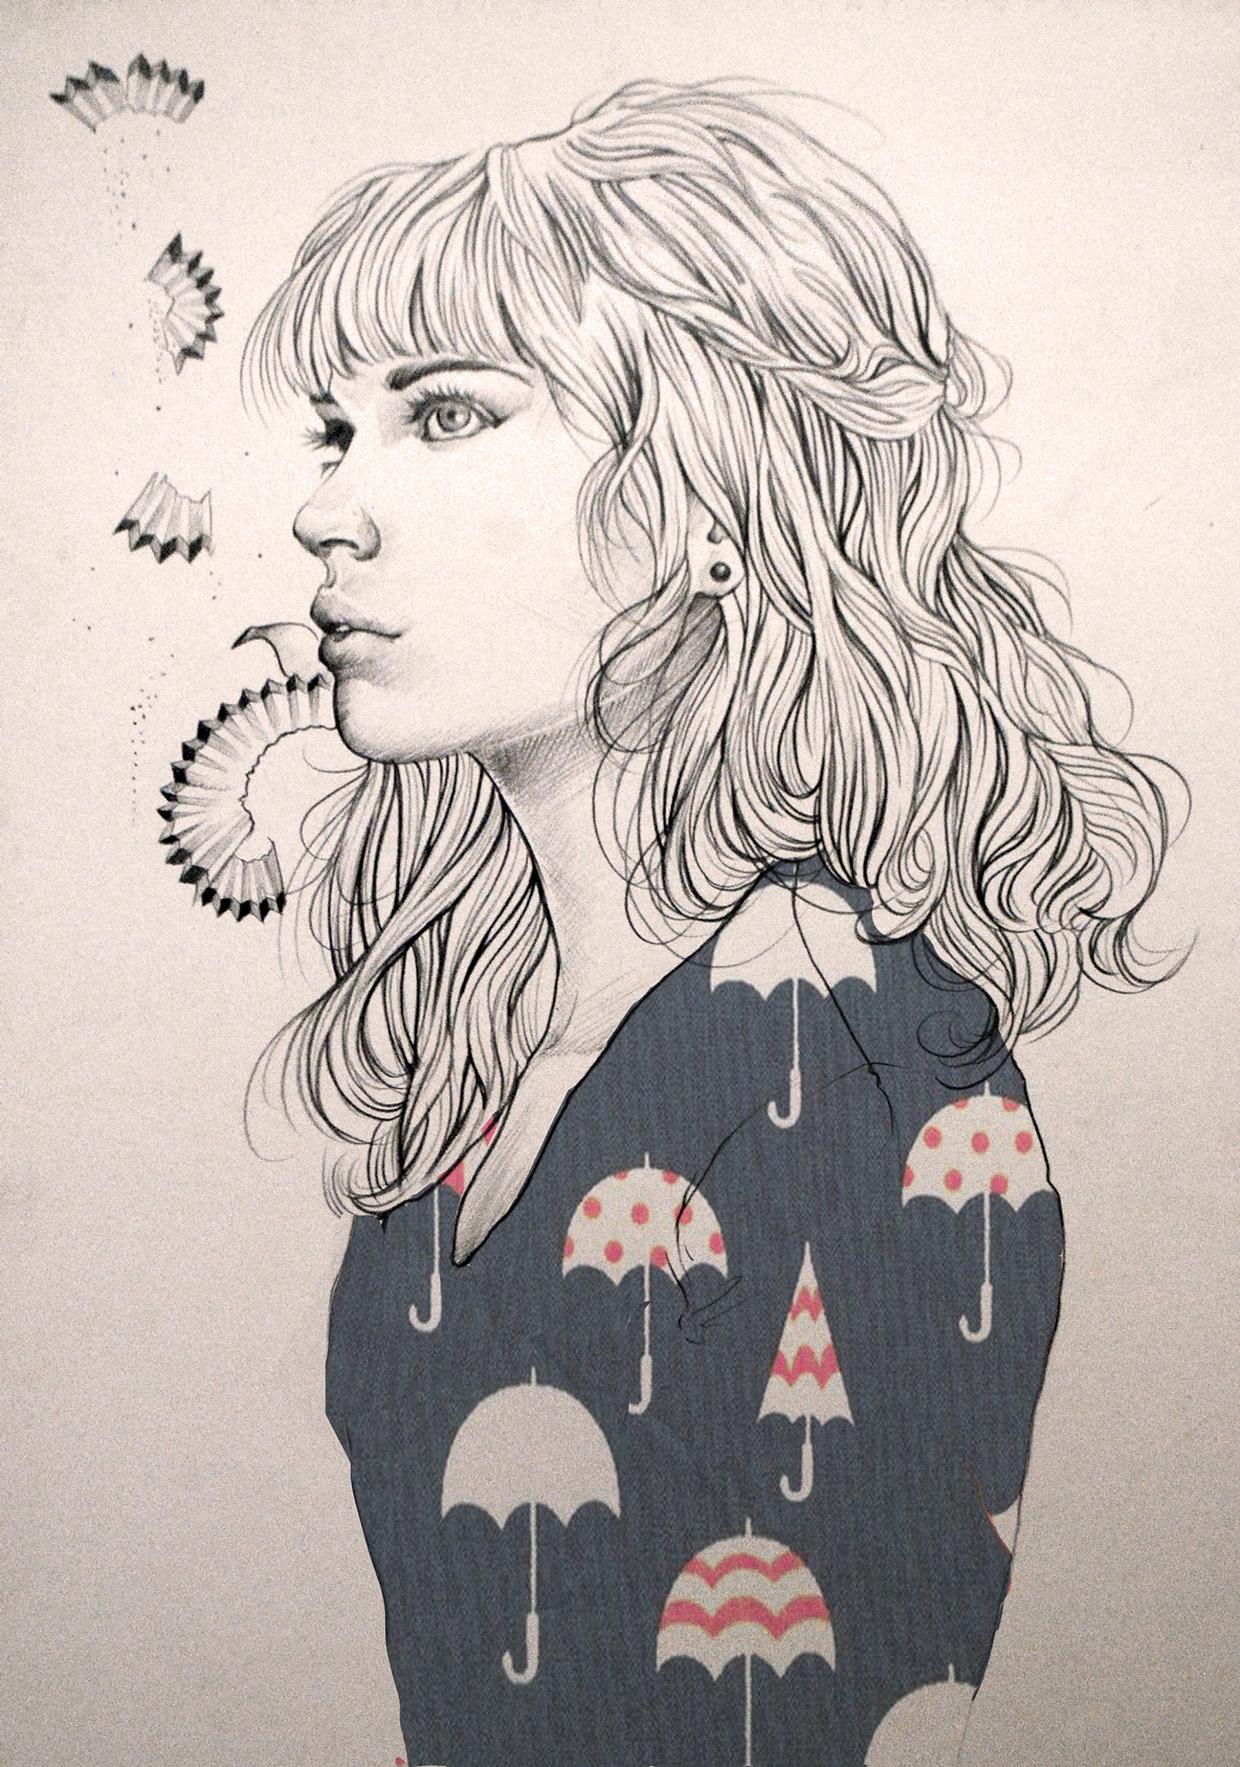 elena pancorbo ilustracion oldskull 2-2